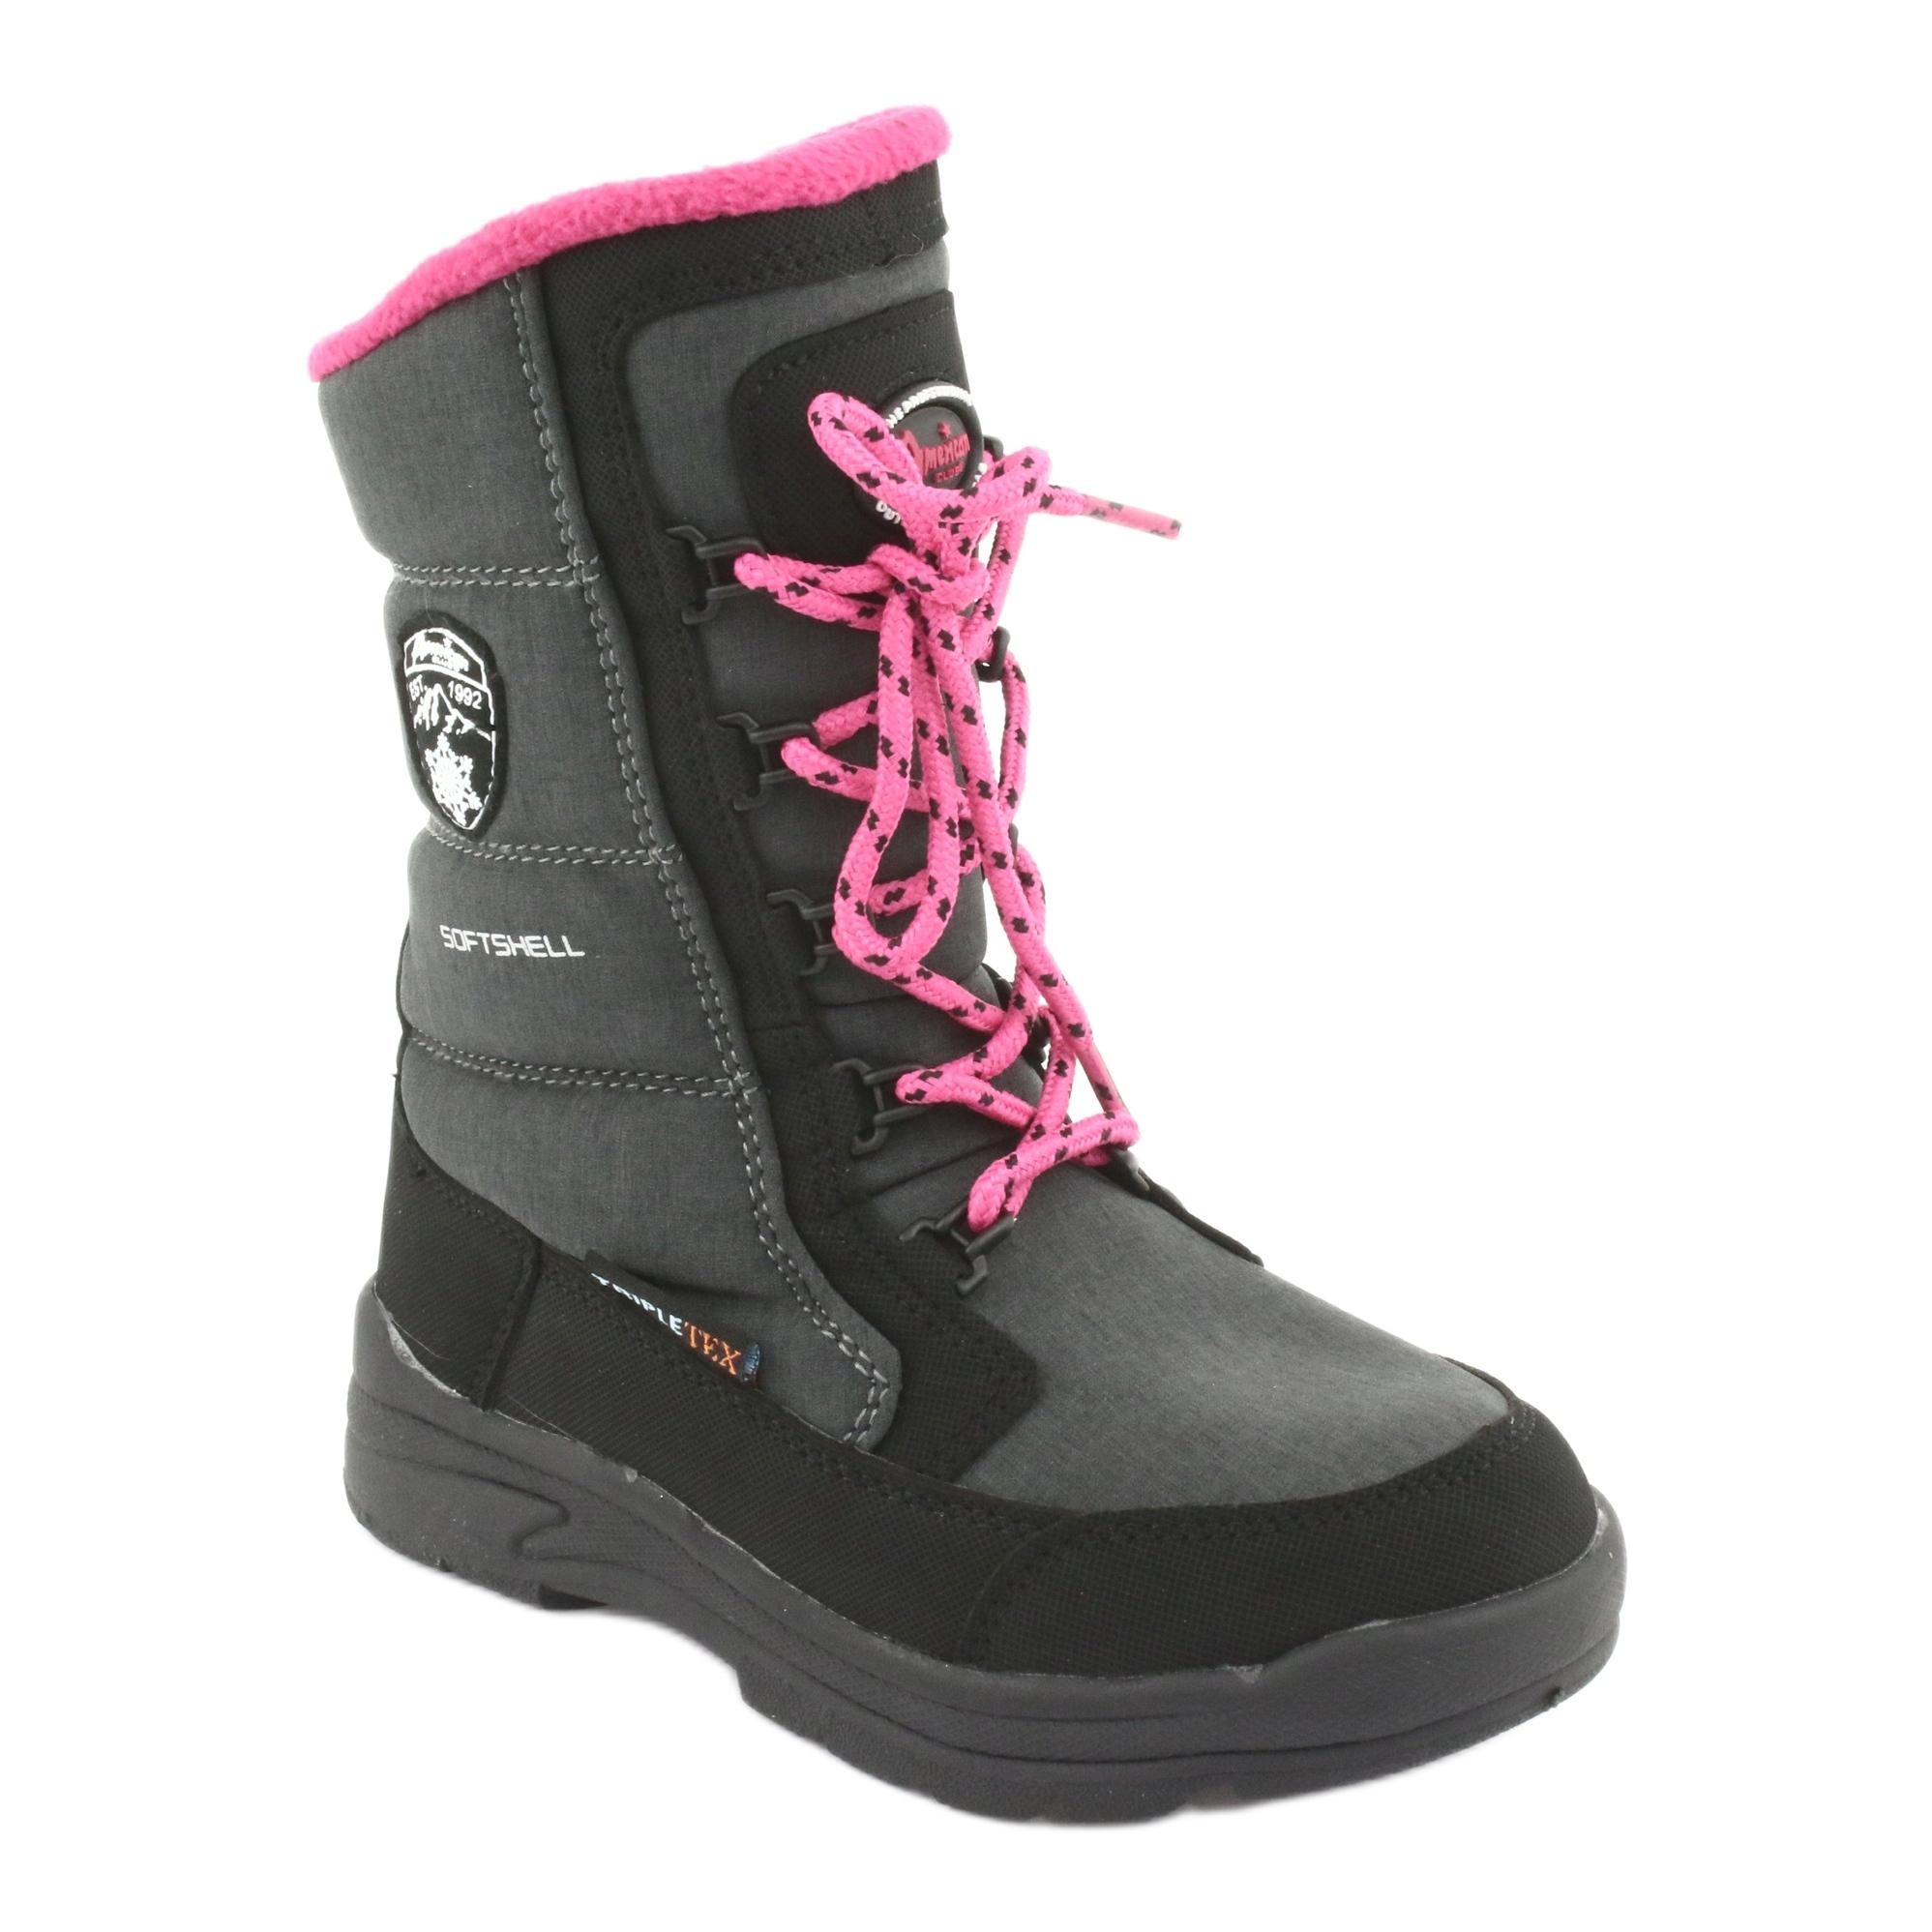 miniatura 2 - Stivali da neve con membrana American club SN13 grigia nero rosa grigio